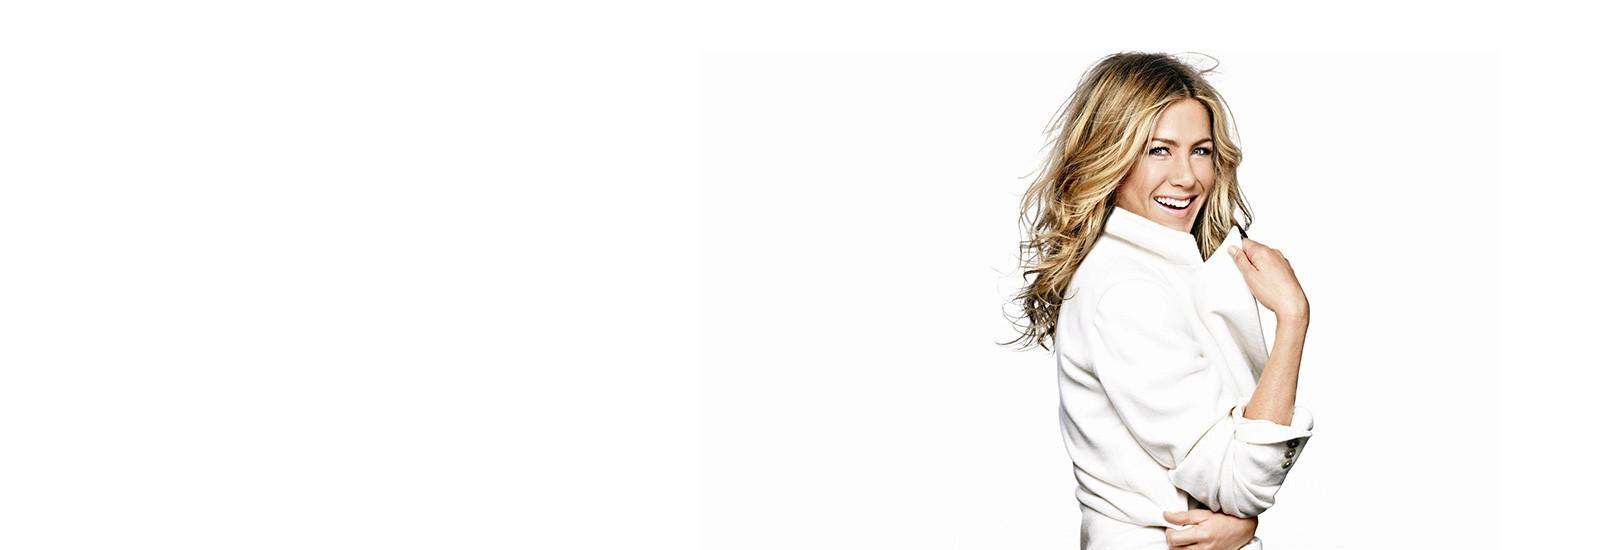 Aniston, Jennifer